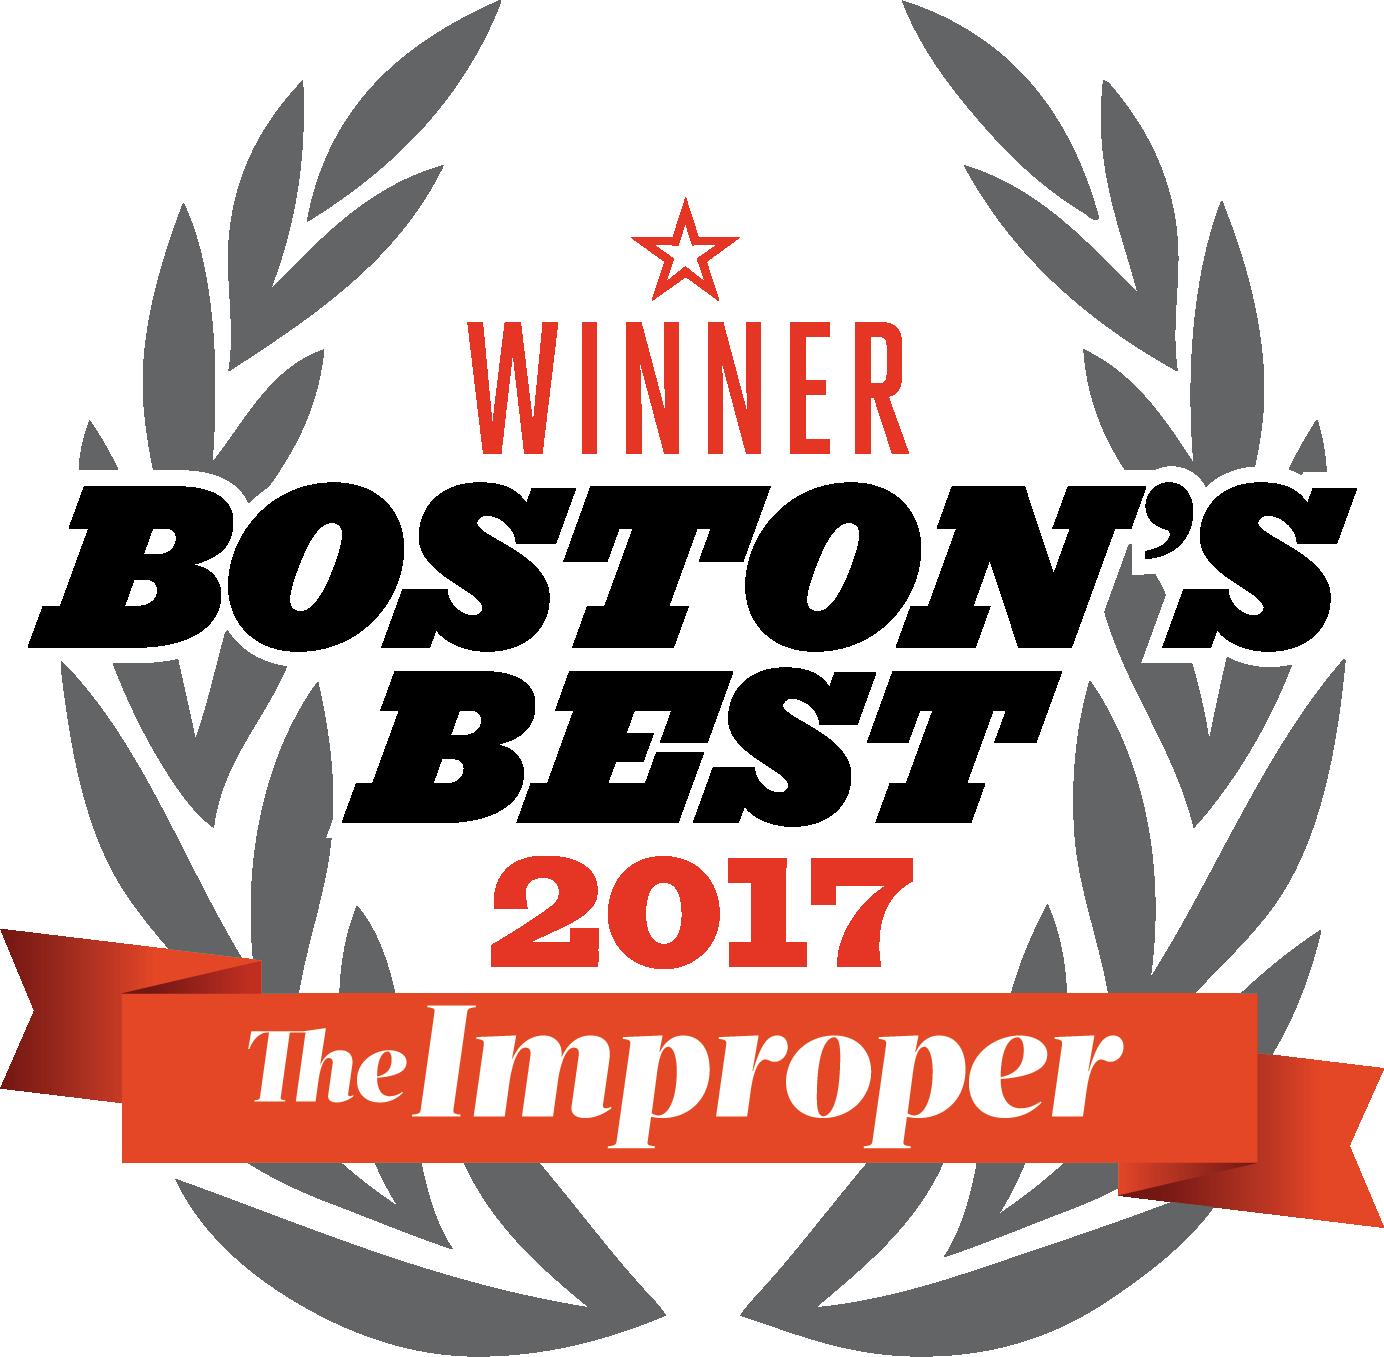 Improper_Bostonian_Boston's_Best_2017